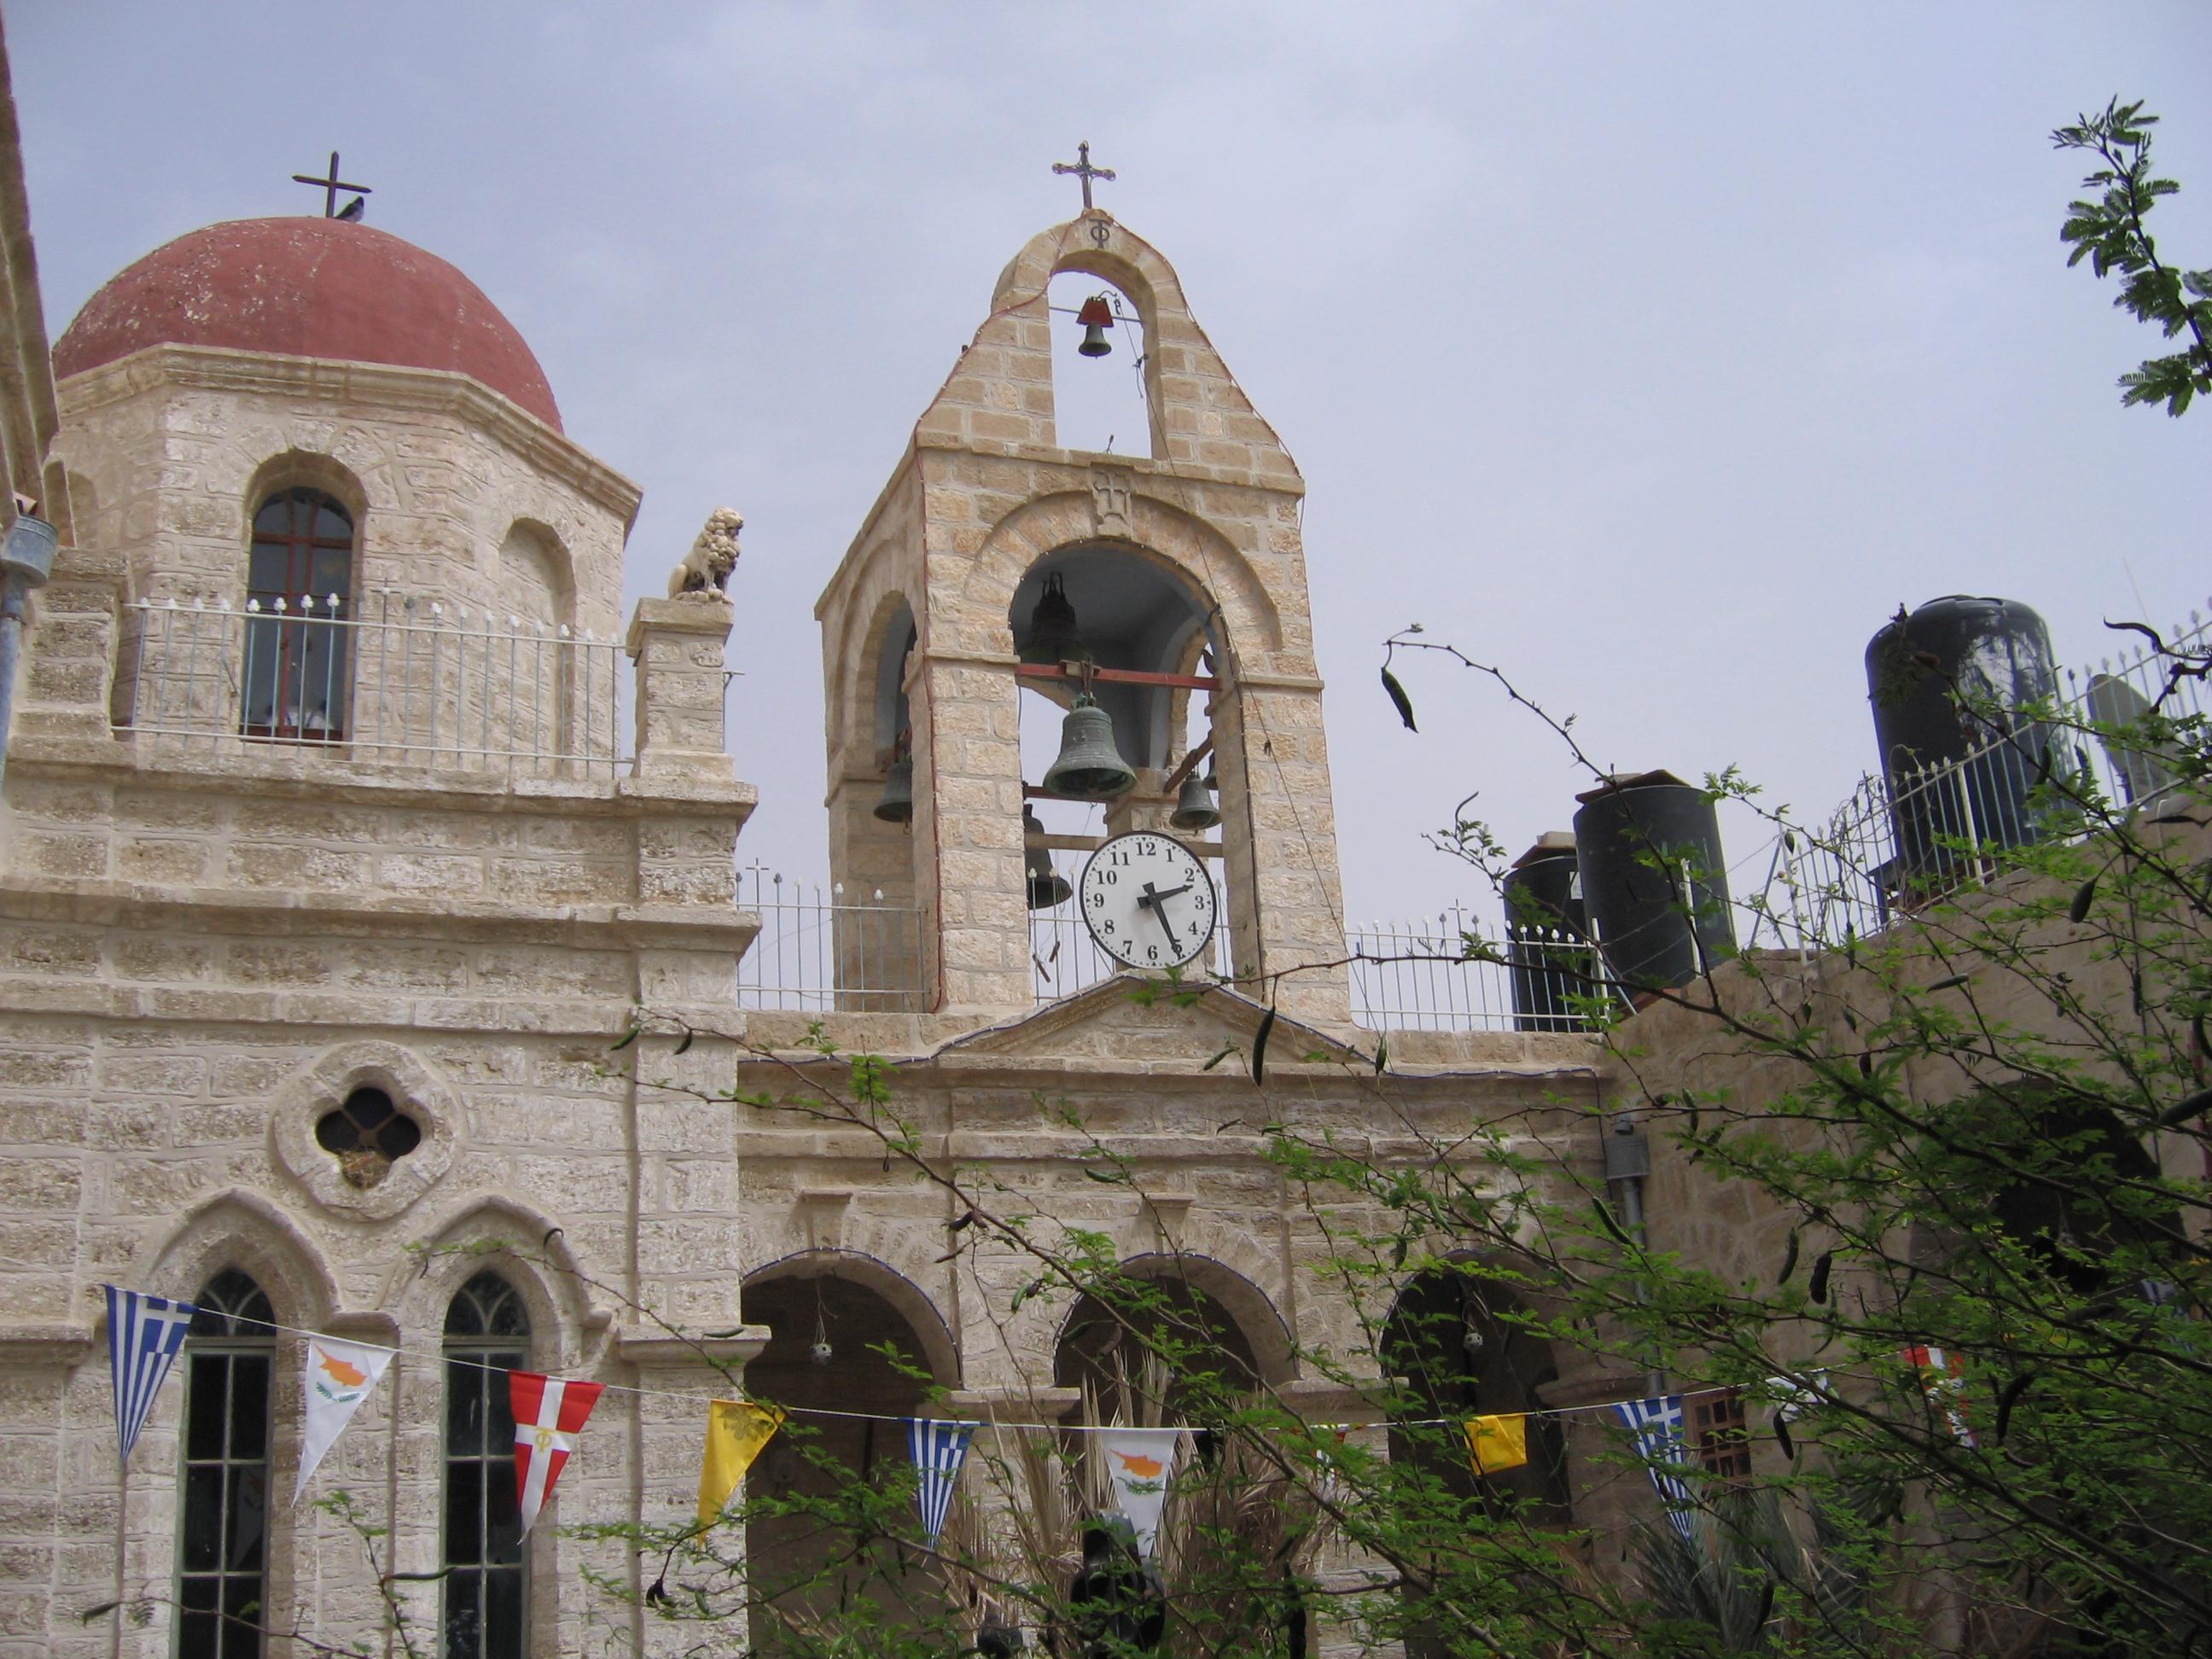 Фотография паисия святогорца удалили